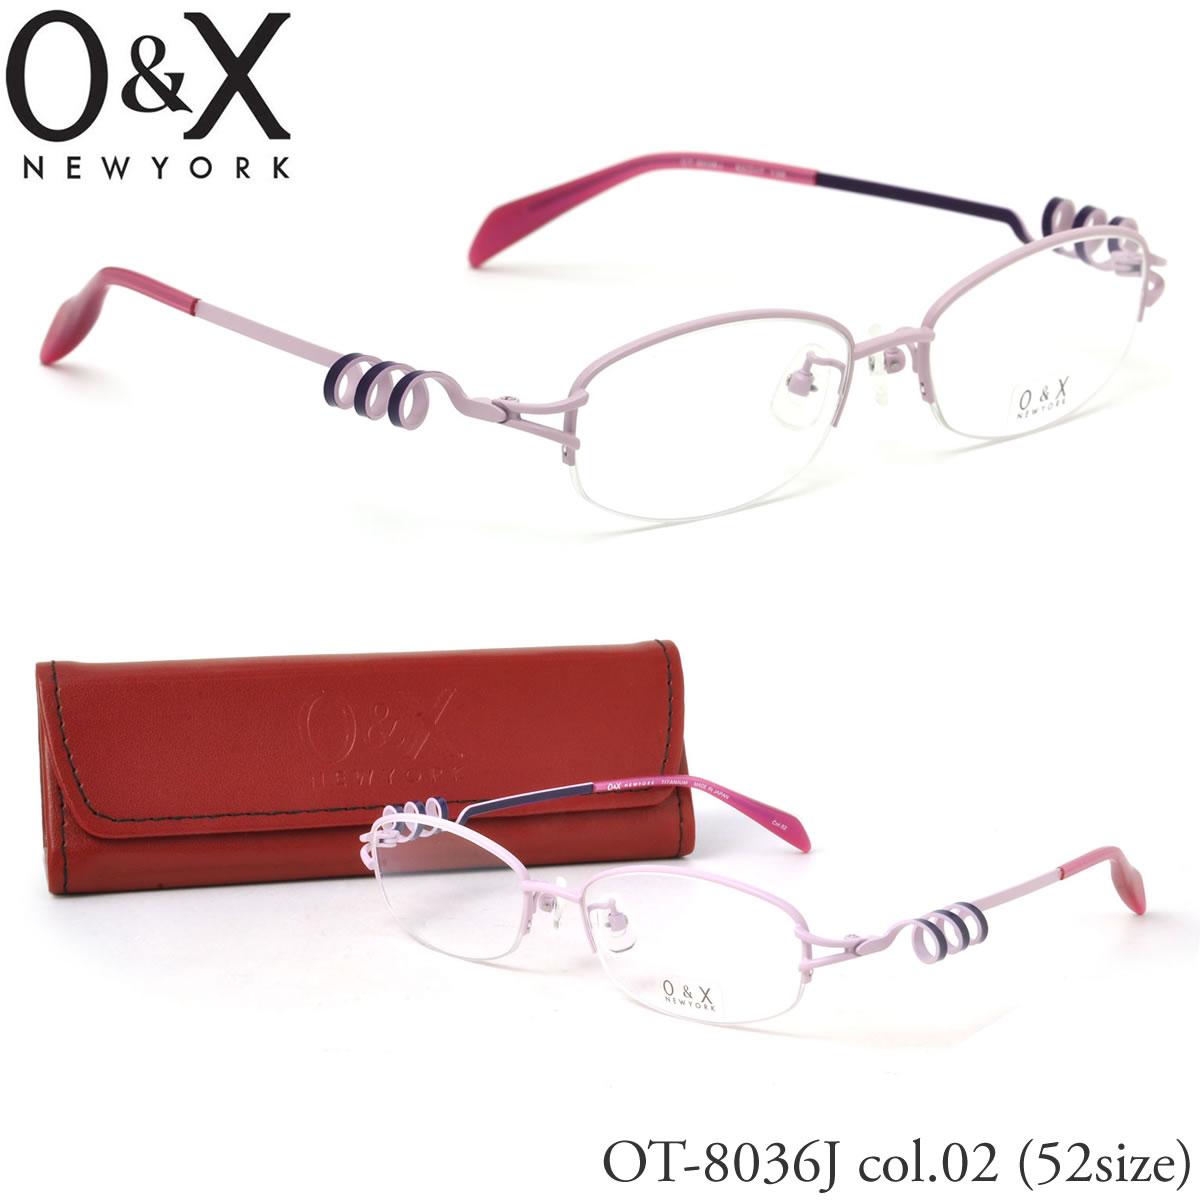 【10月30日からエントリーで全品ポイント20倍】【O&X】(オーアンドエックス) メガネ フレーム OT 8036J 02 52サイズ オーバル ナイロール βTITANIUM ベータチタン 日本製 オーアンドエックス O&X メンズ レディース